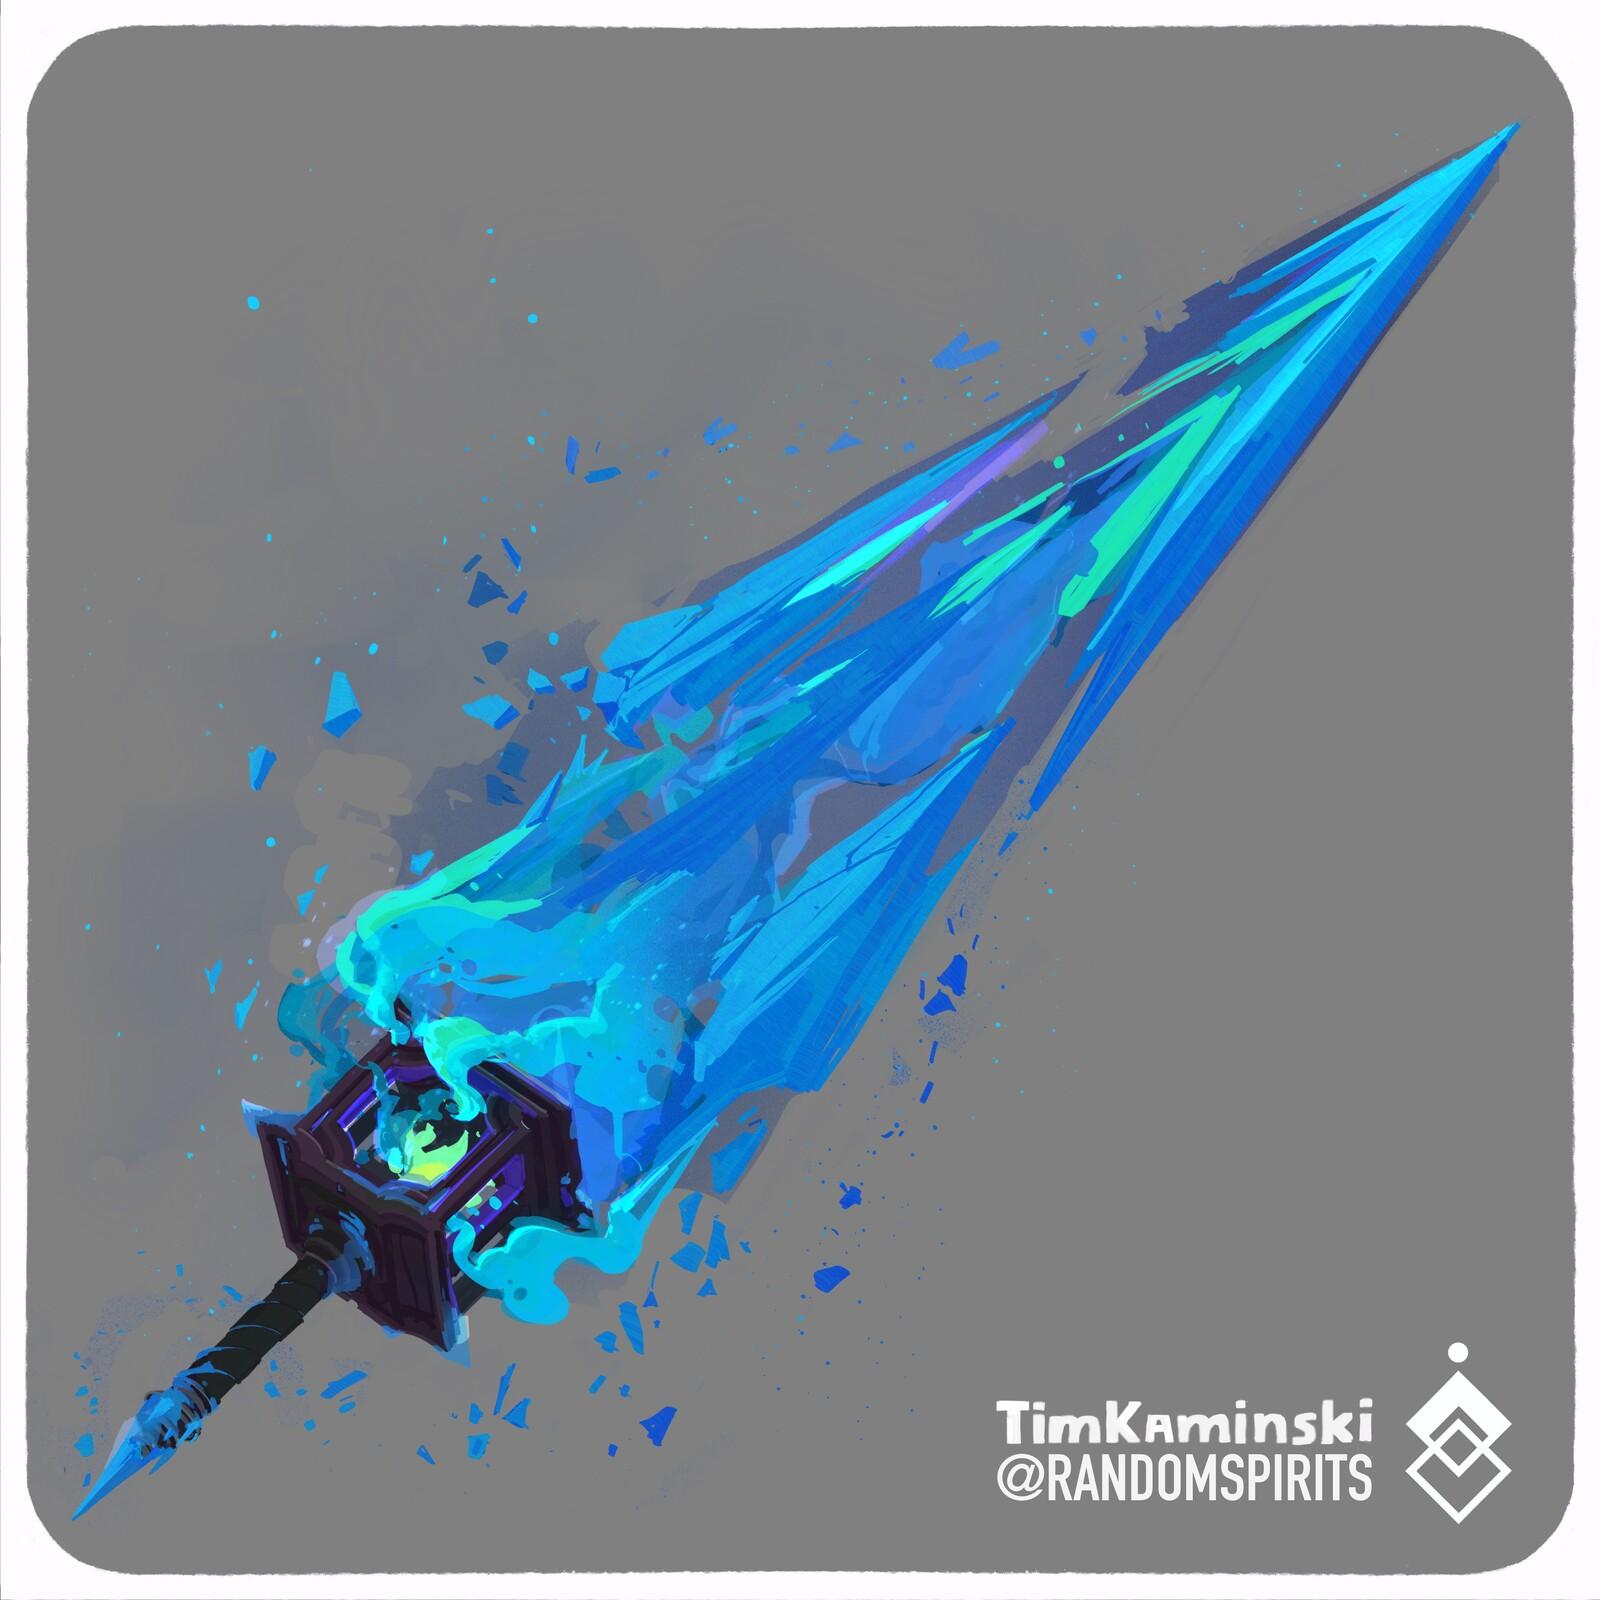 Swordtember Day 4 ❄️Glacial❄️